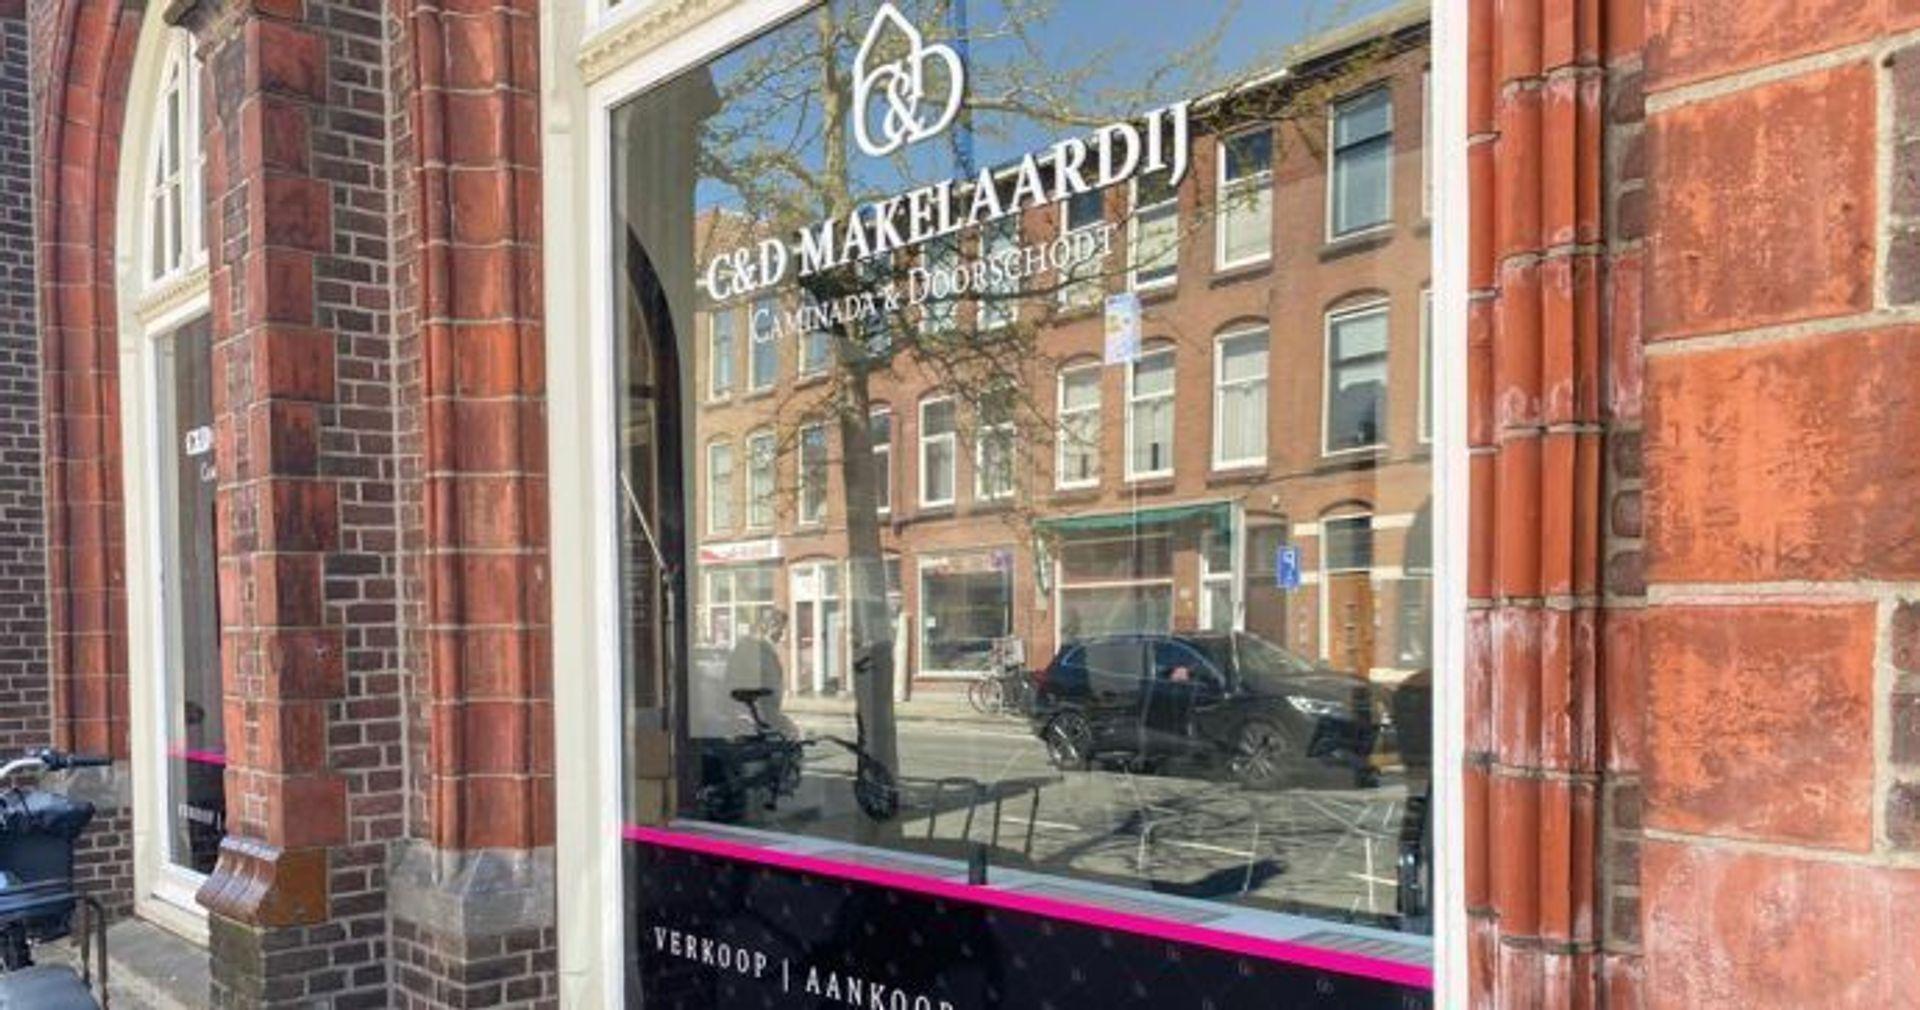 C&D Makelaardij The Hague